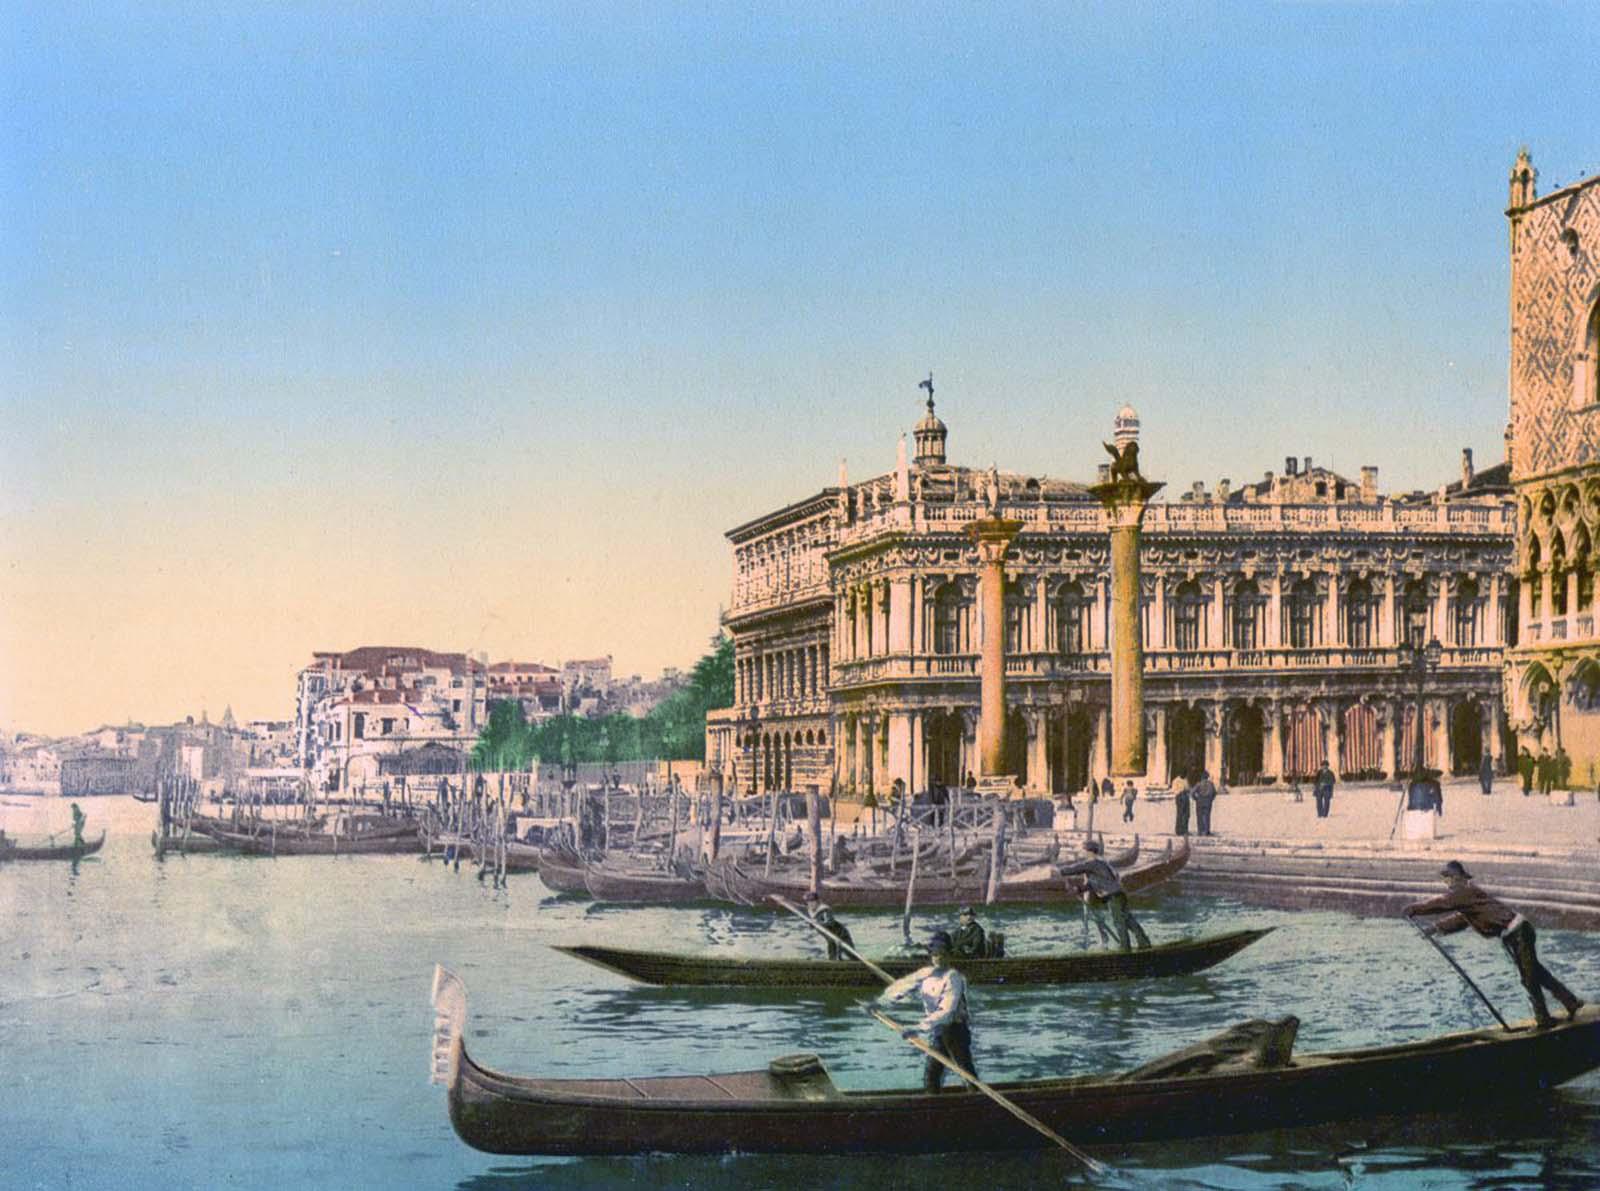 Gondolas and the Piazzetta di San Marco.